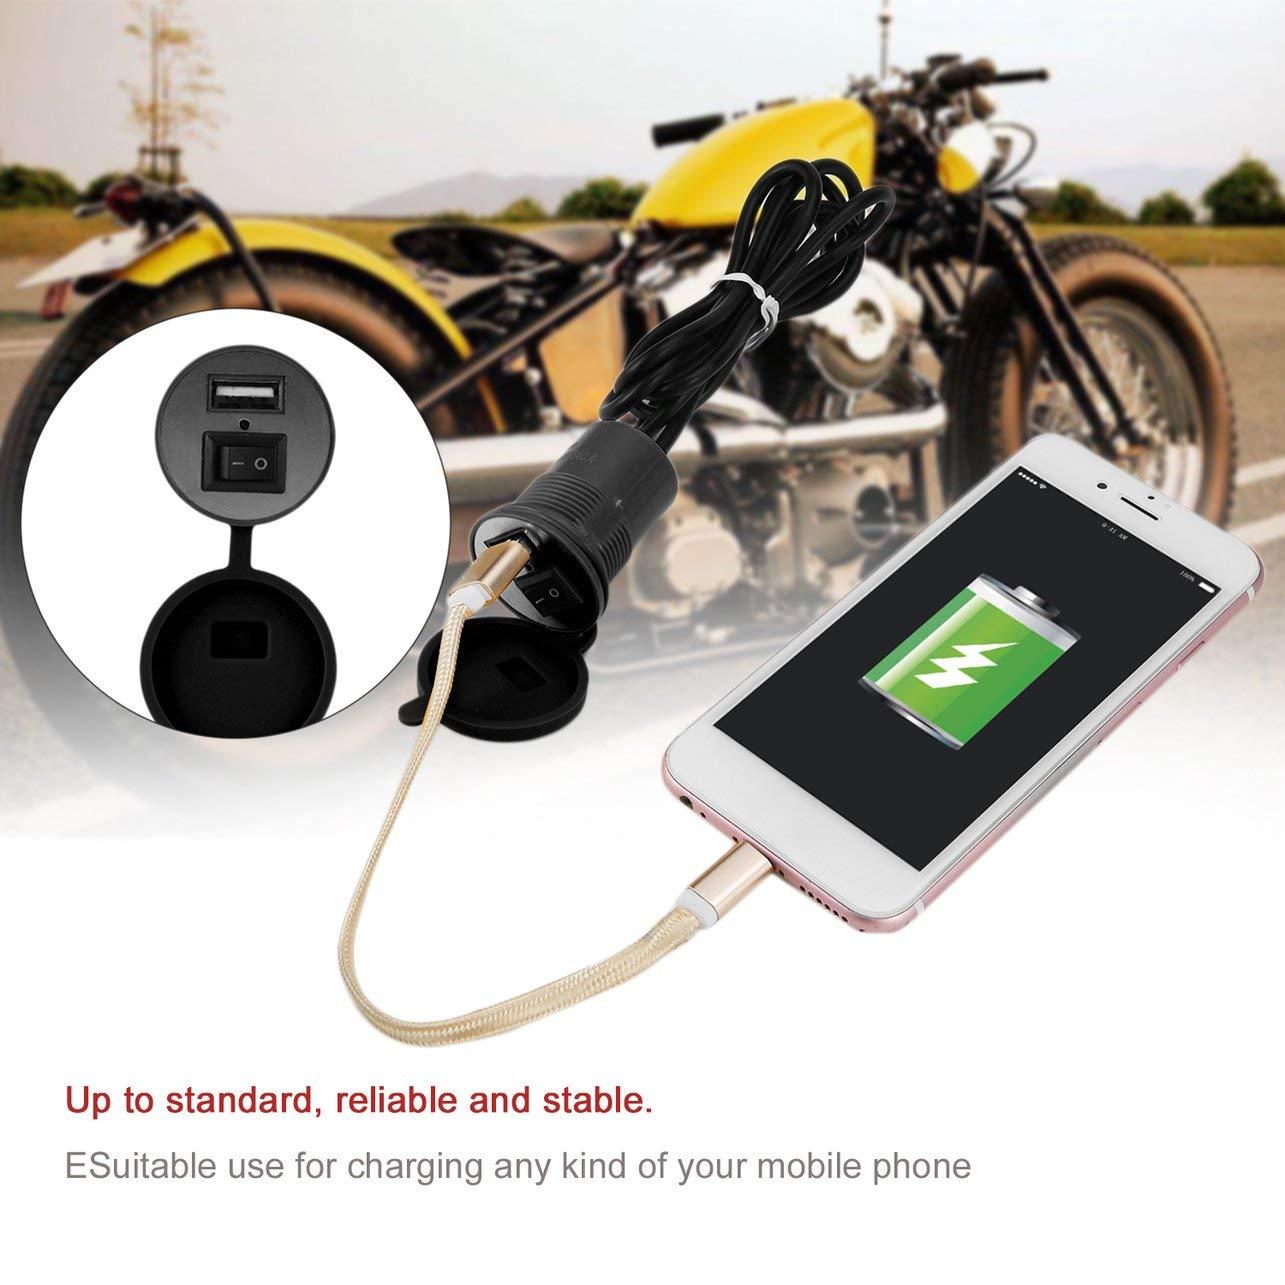 WOSOSYEYO USB Moto Prise de Charge de t/él/éphone Portable USB Alimentation /étanche 12-24V Moto Modifier Adaptateur Chargeur USB Accessoire